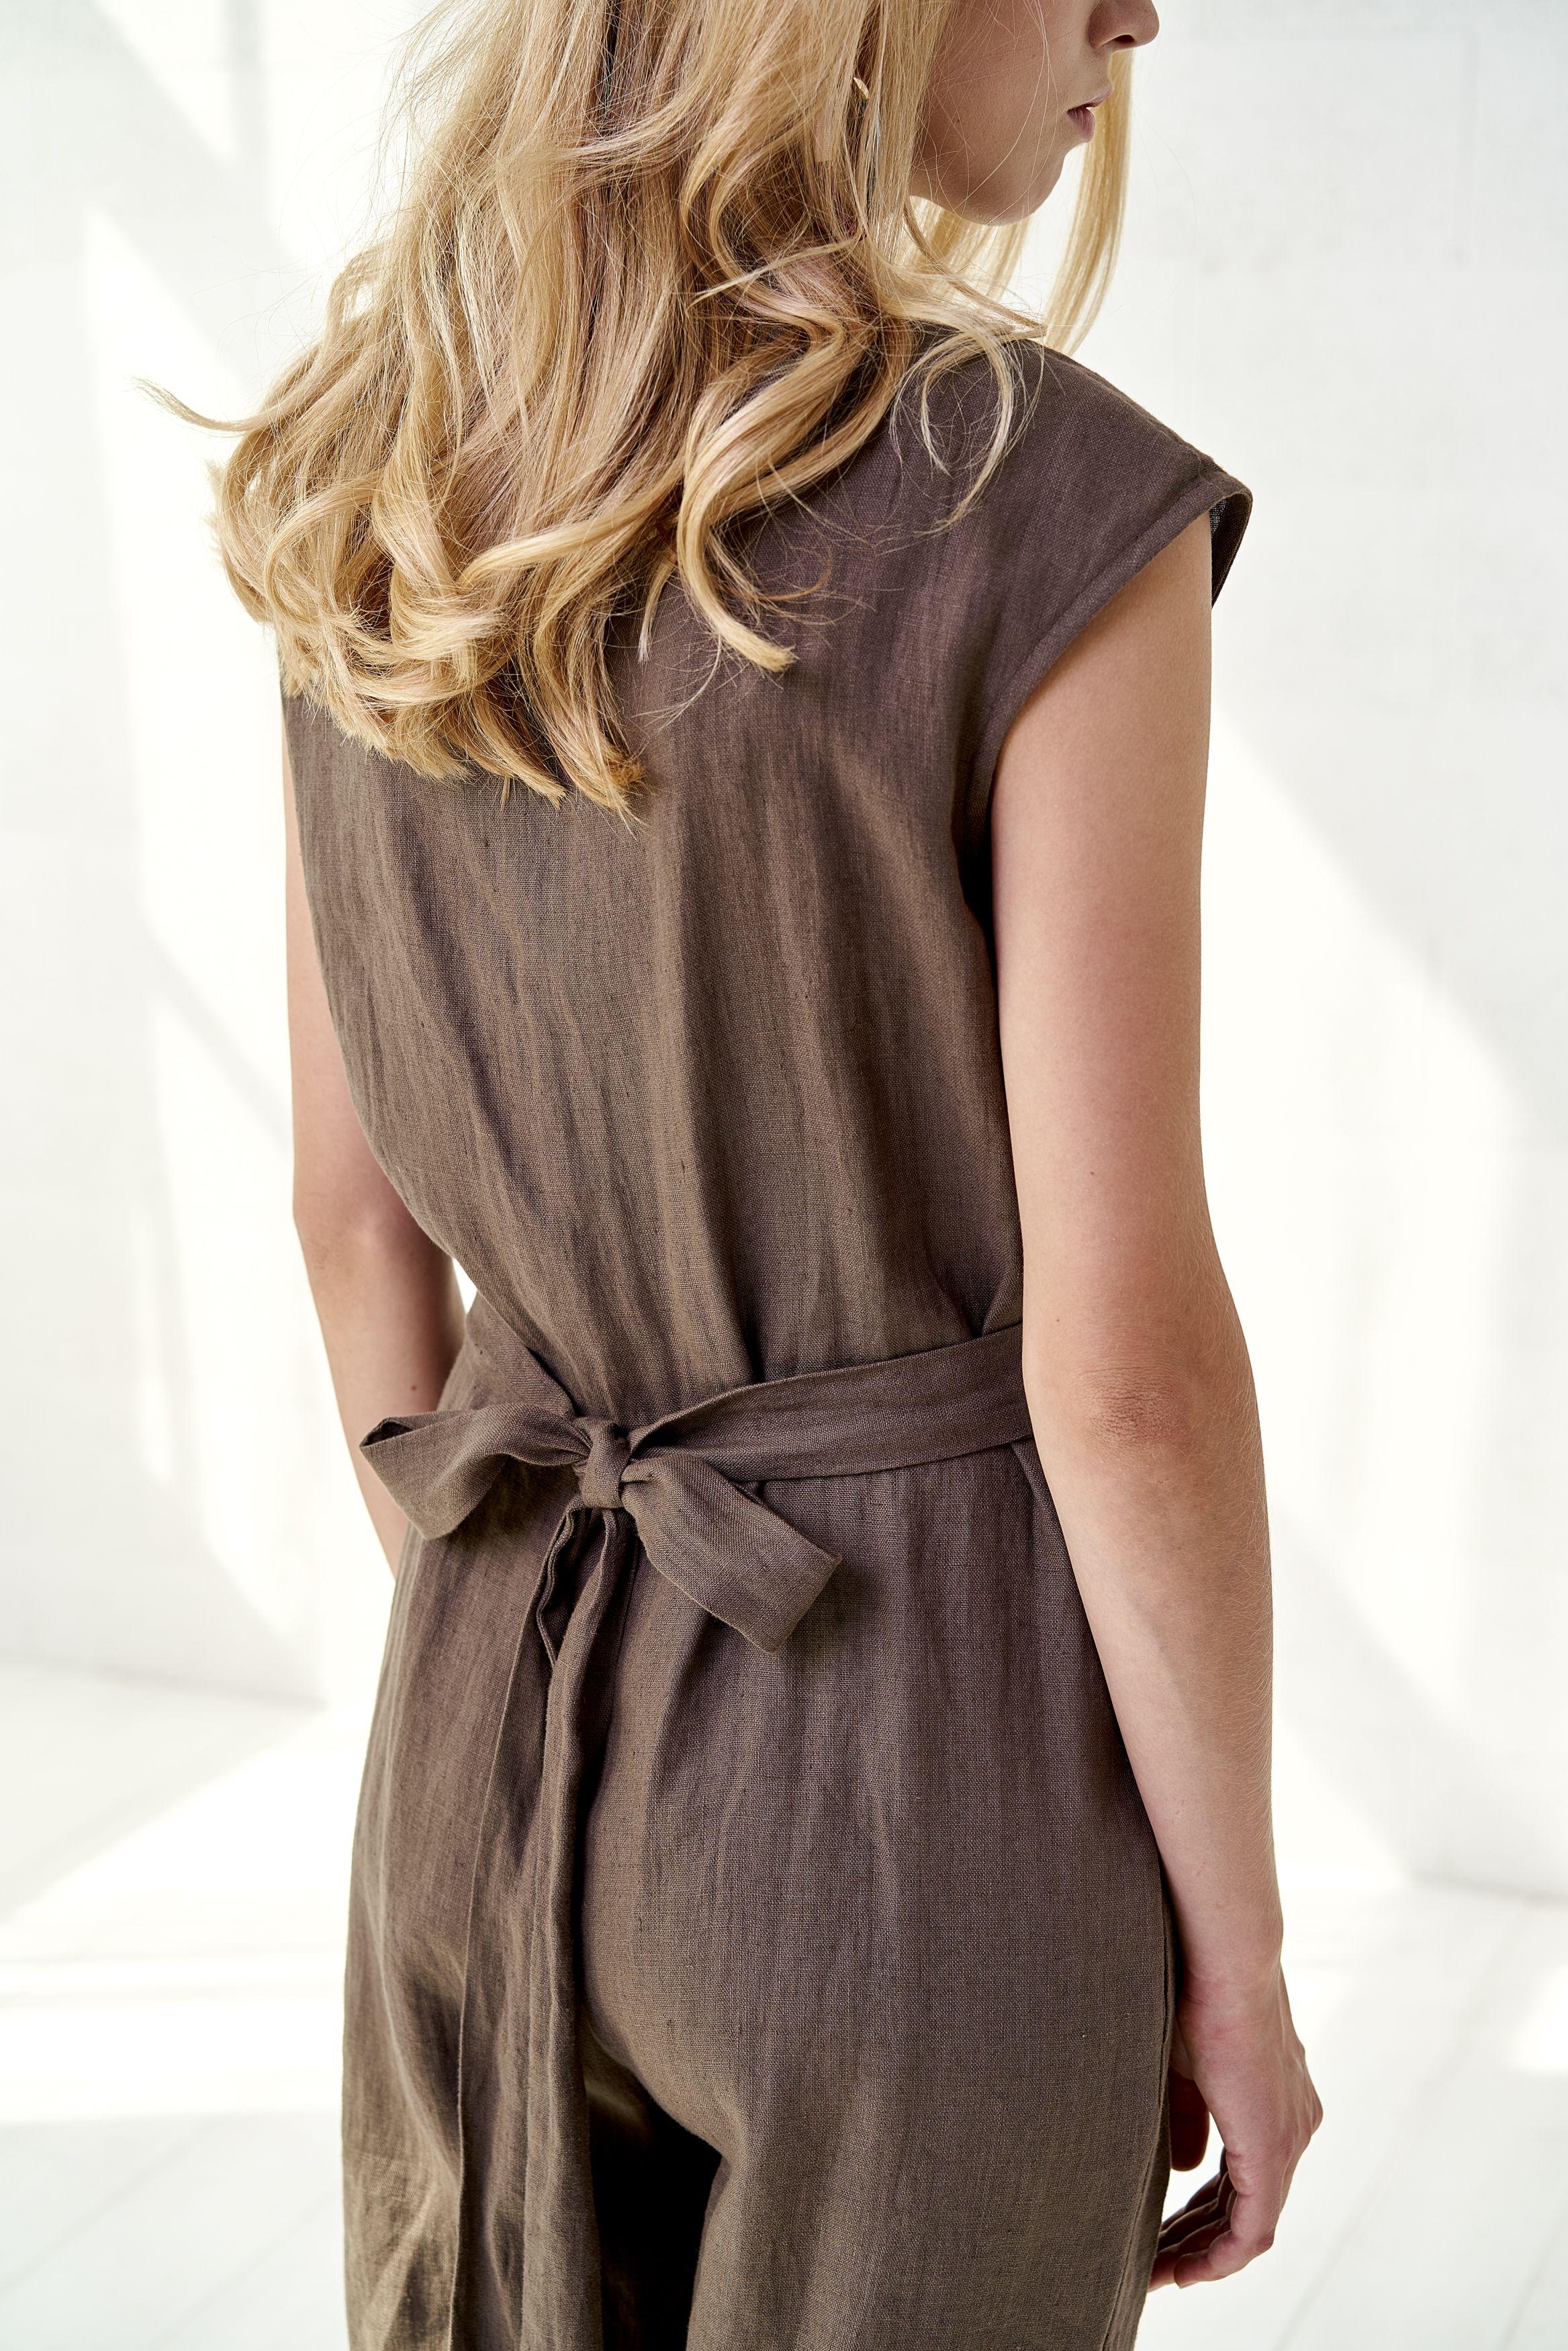 9db3bdbdbd Linen  jumpsuit Brown  linen overall Wide leg jumpsuit Short sleeve linen  romper  madeinlithuania  linenjumpsuit  blisslinen  natural  handmade   linenwoman ...